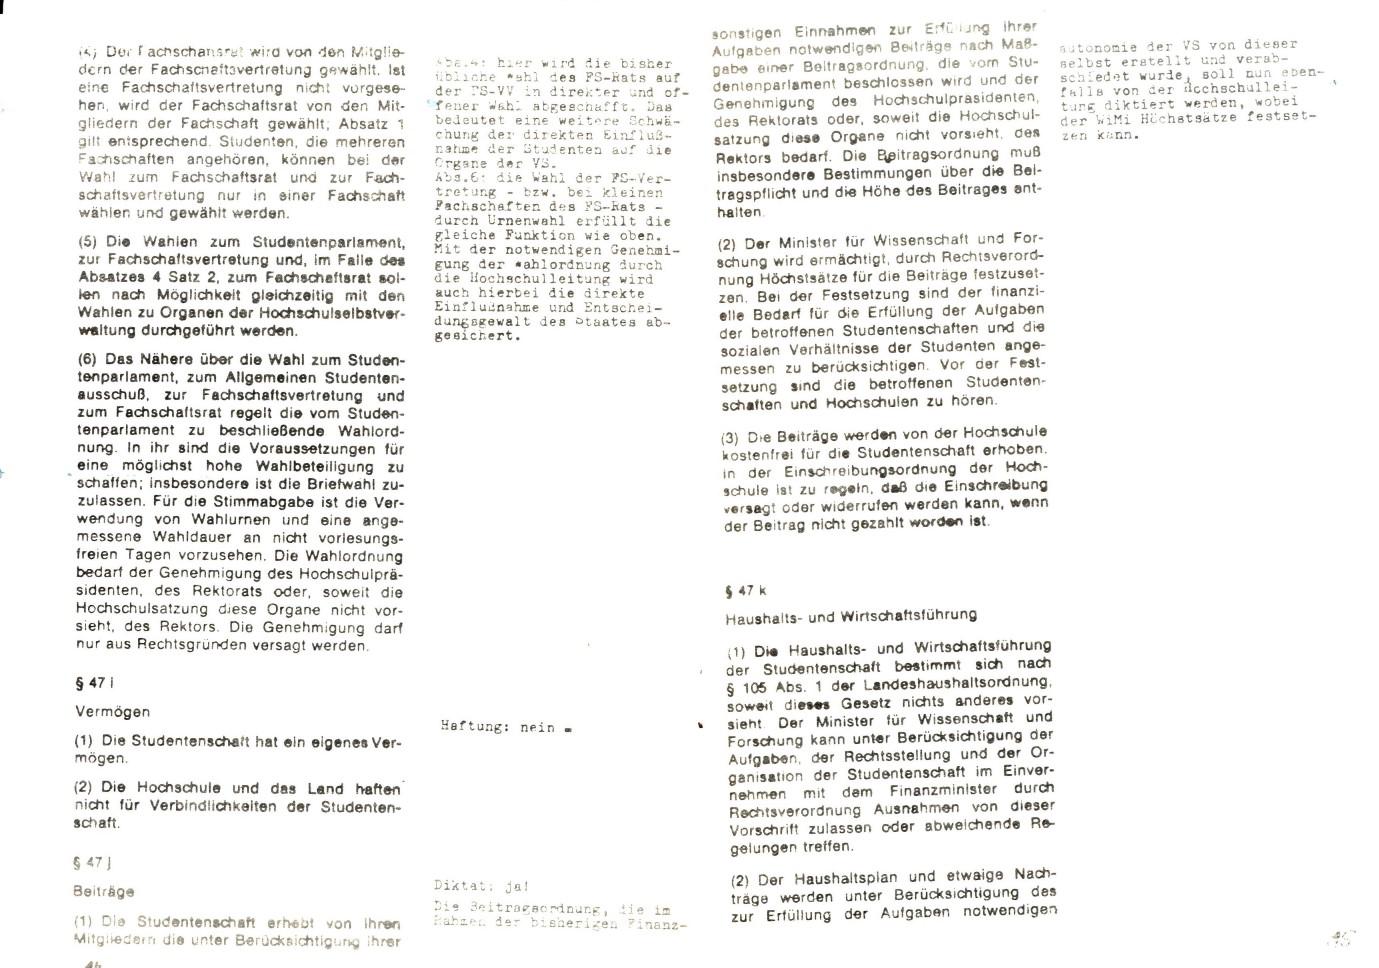 NRW_KSV_1977_Studentenschaftsgesetz_08